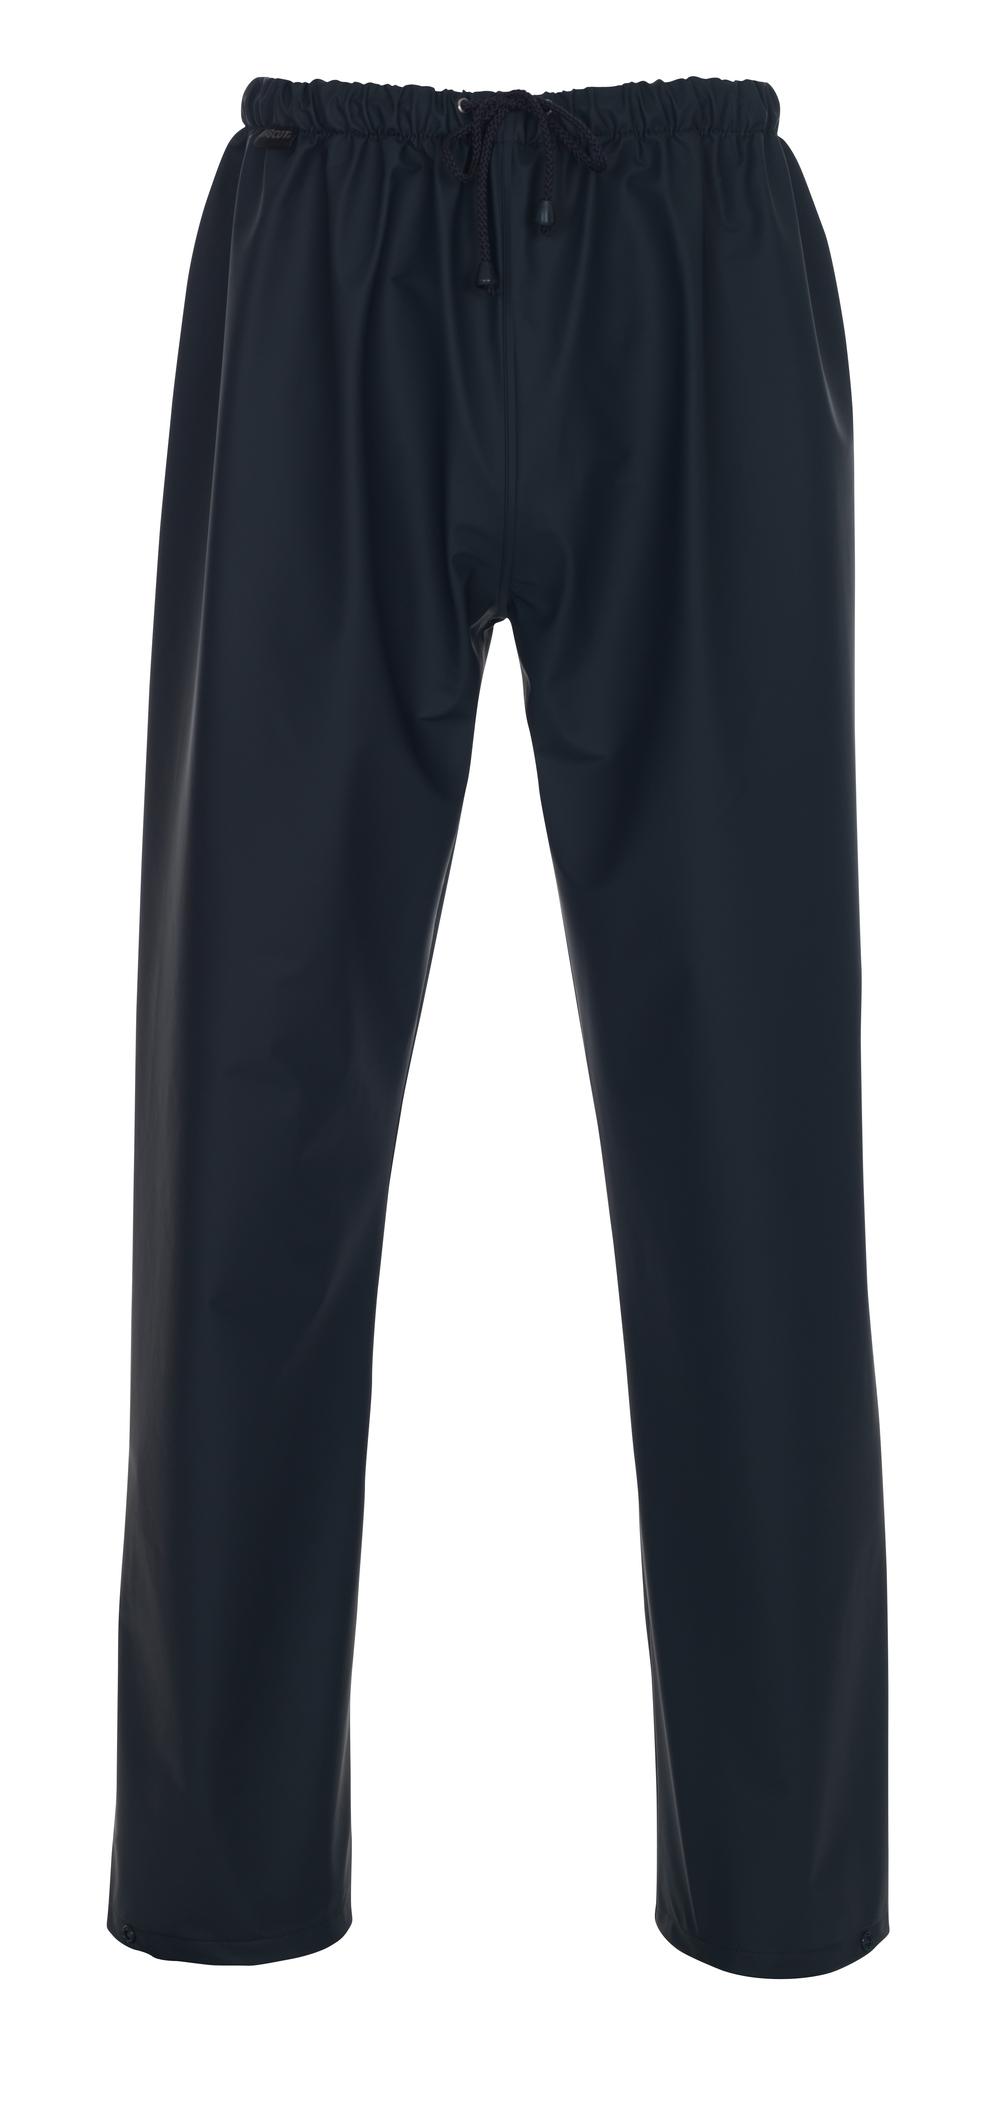 07062-028-01 Pantalones impermeables - azul marino